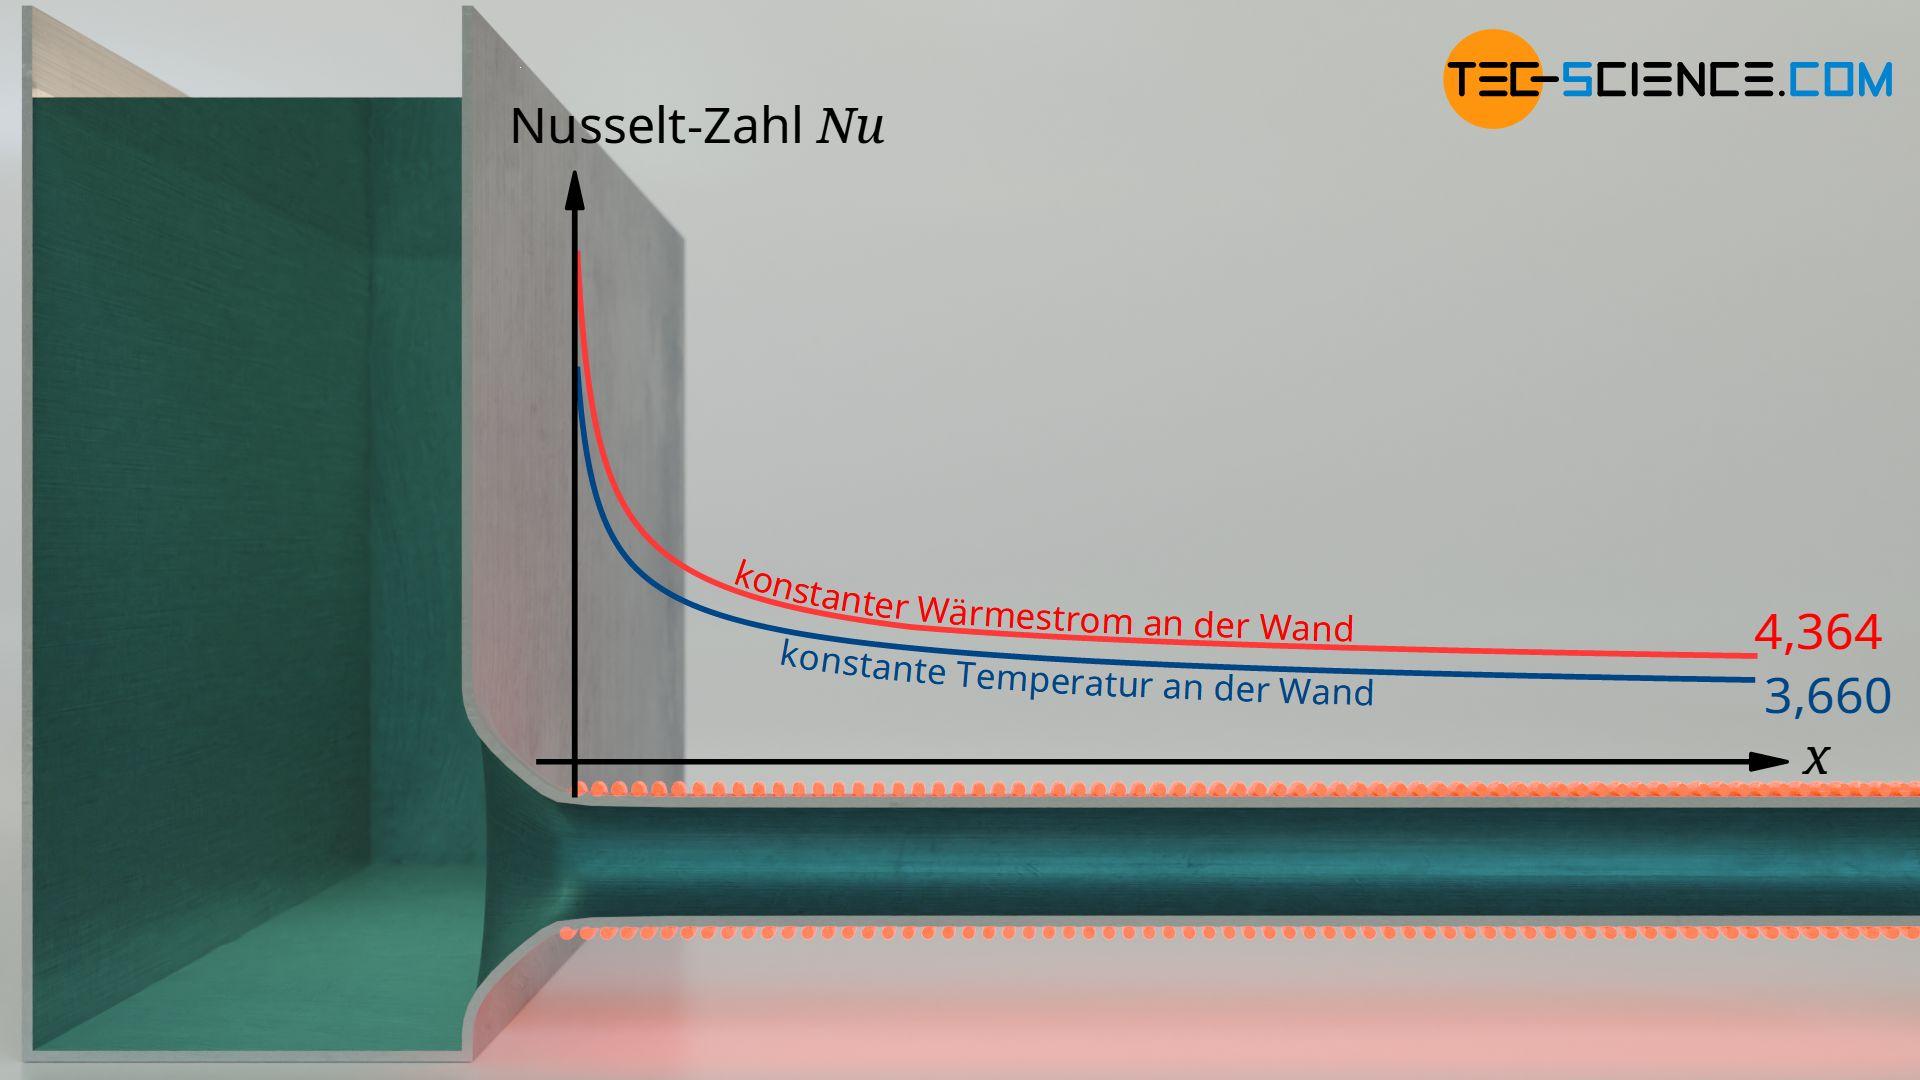 Grenzwerte (Asymptoten) der Nusselt-Zahlen für Rohrströmungen mit konstanter Wärmestromdichte oder konstanter Wandtemperatur